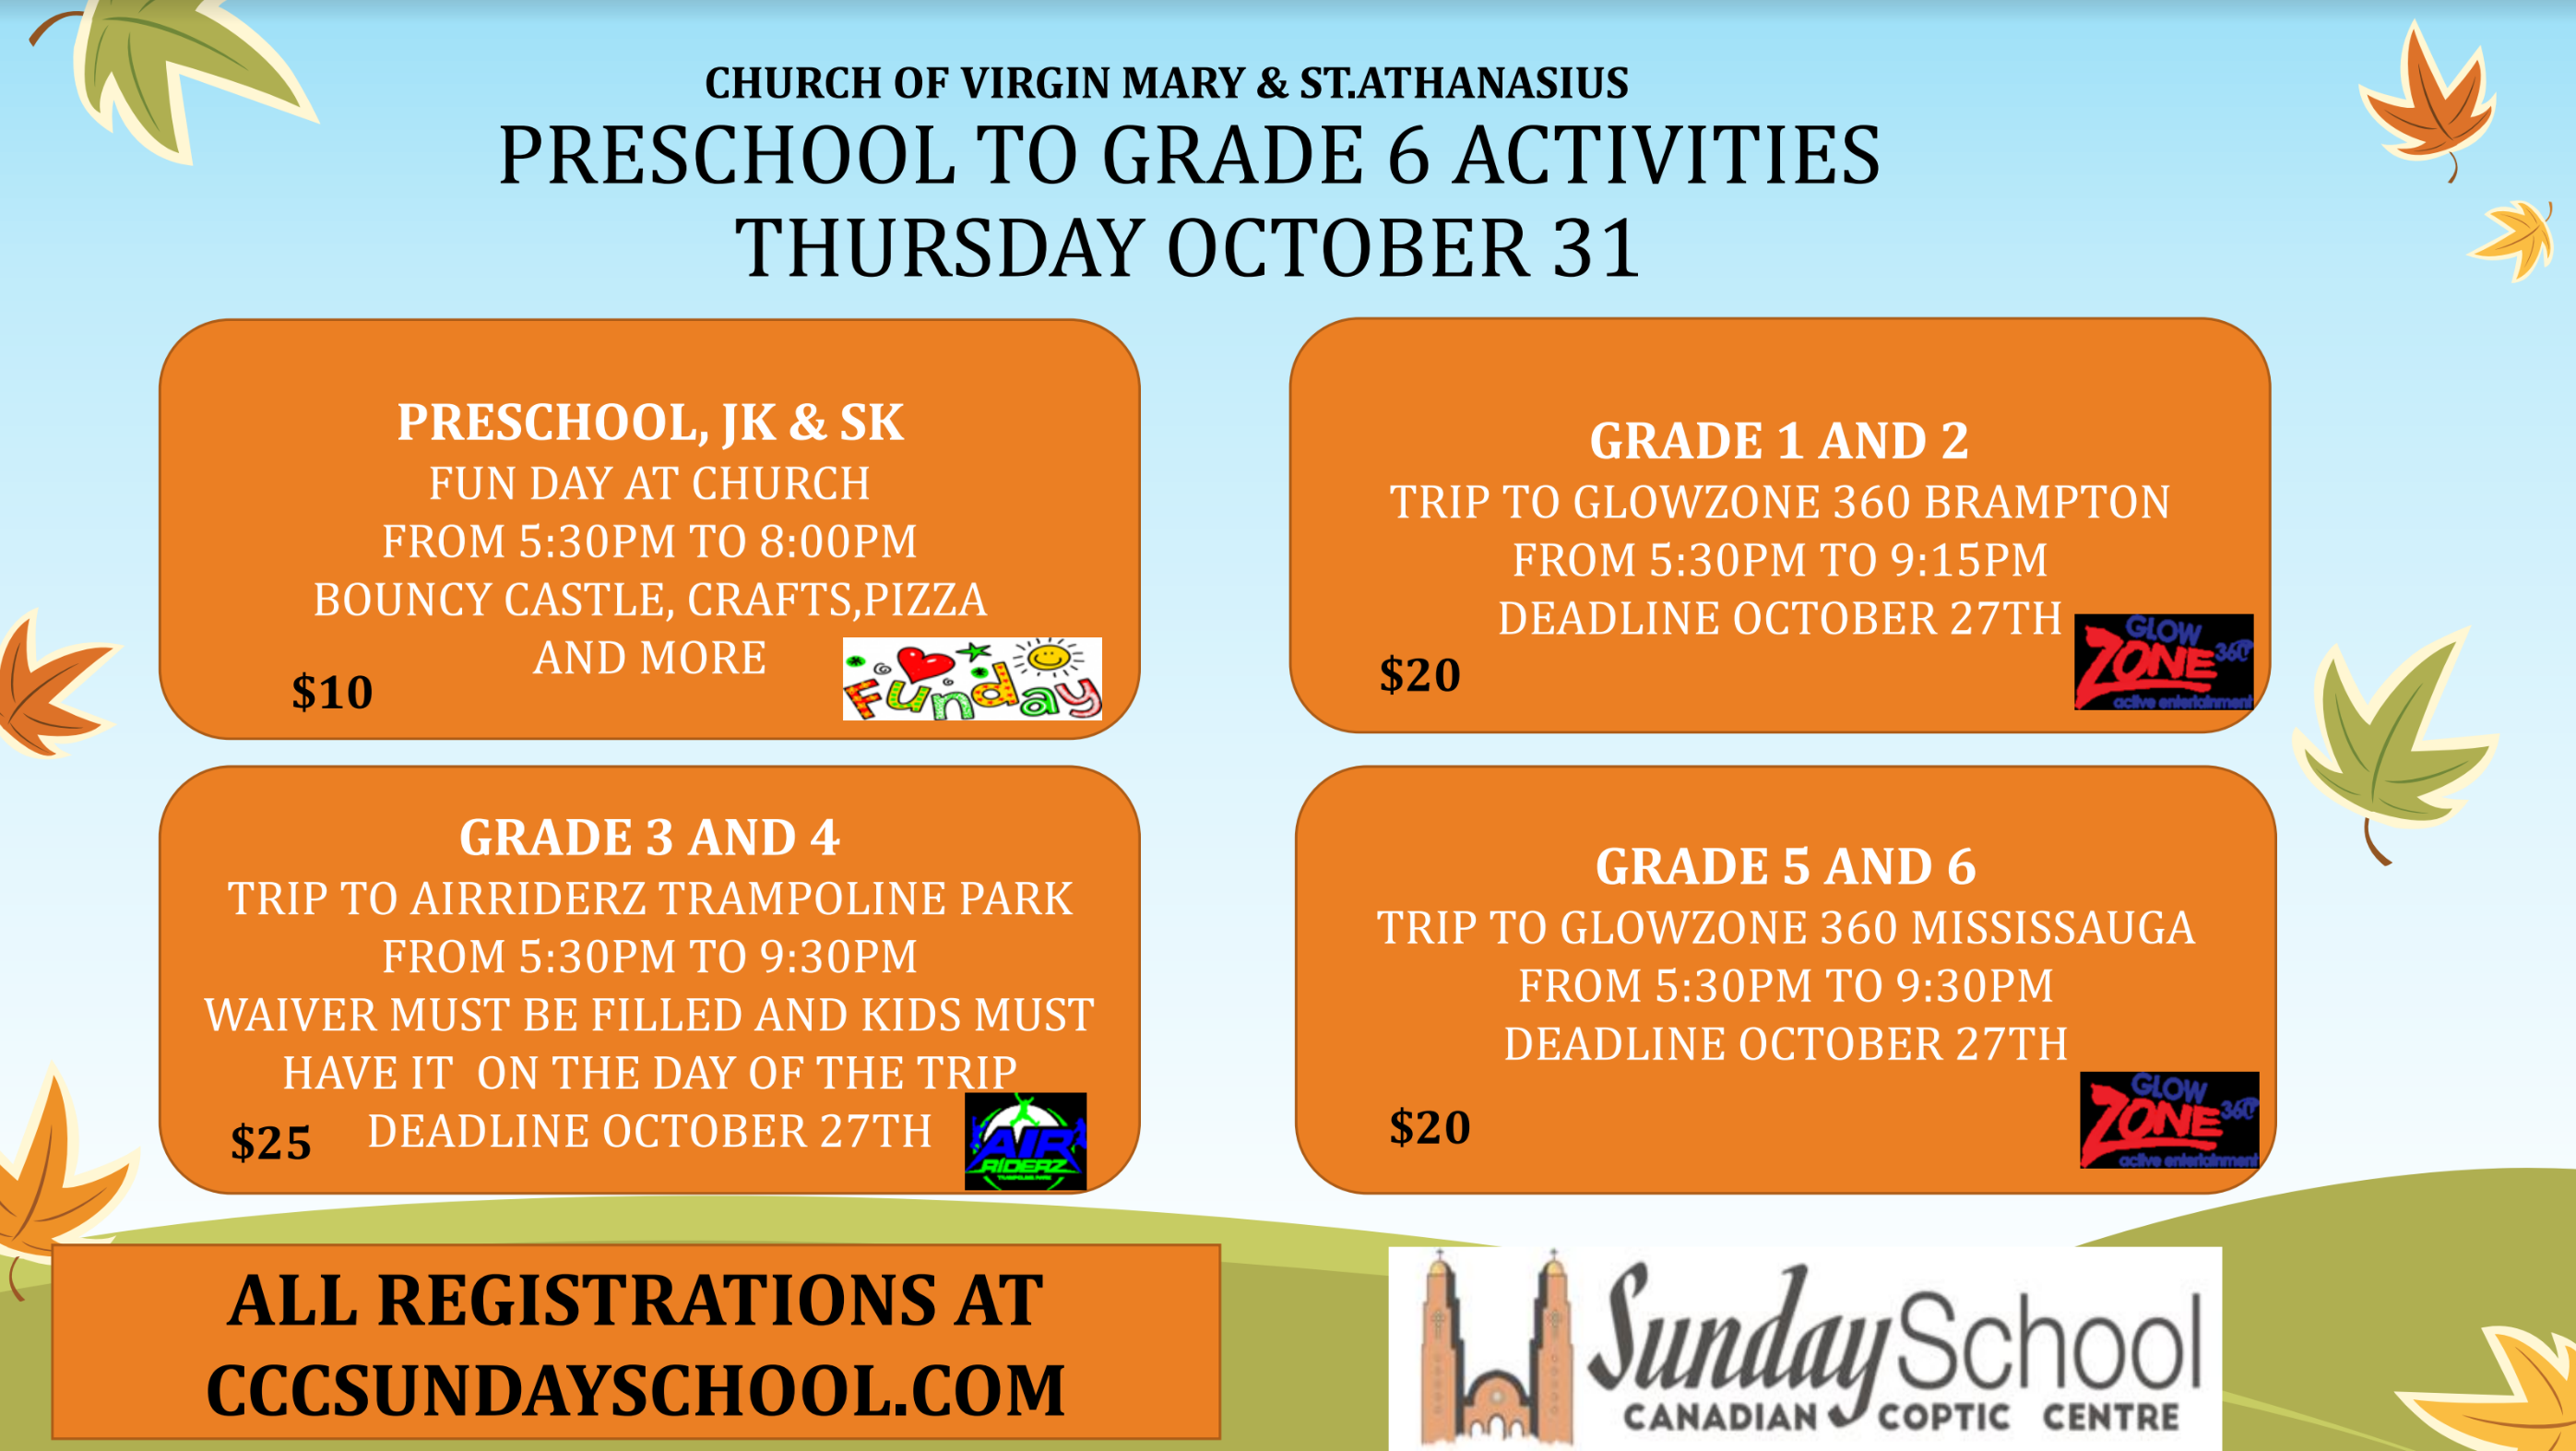 Sunday School October 31st Activities